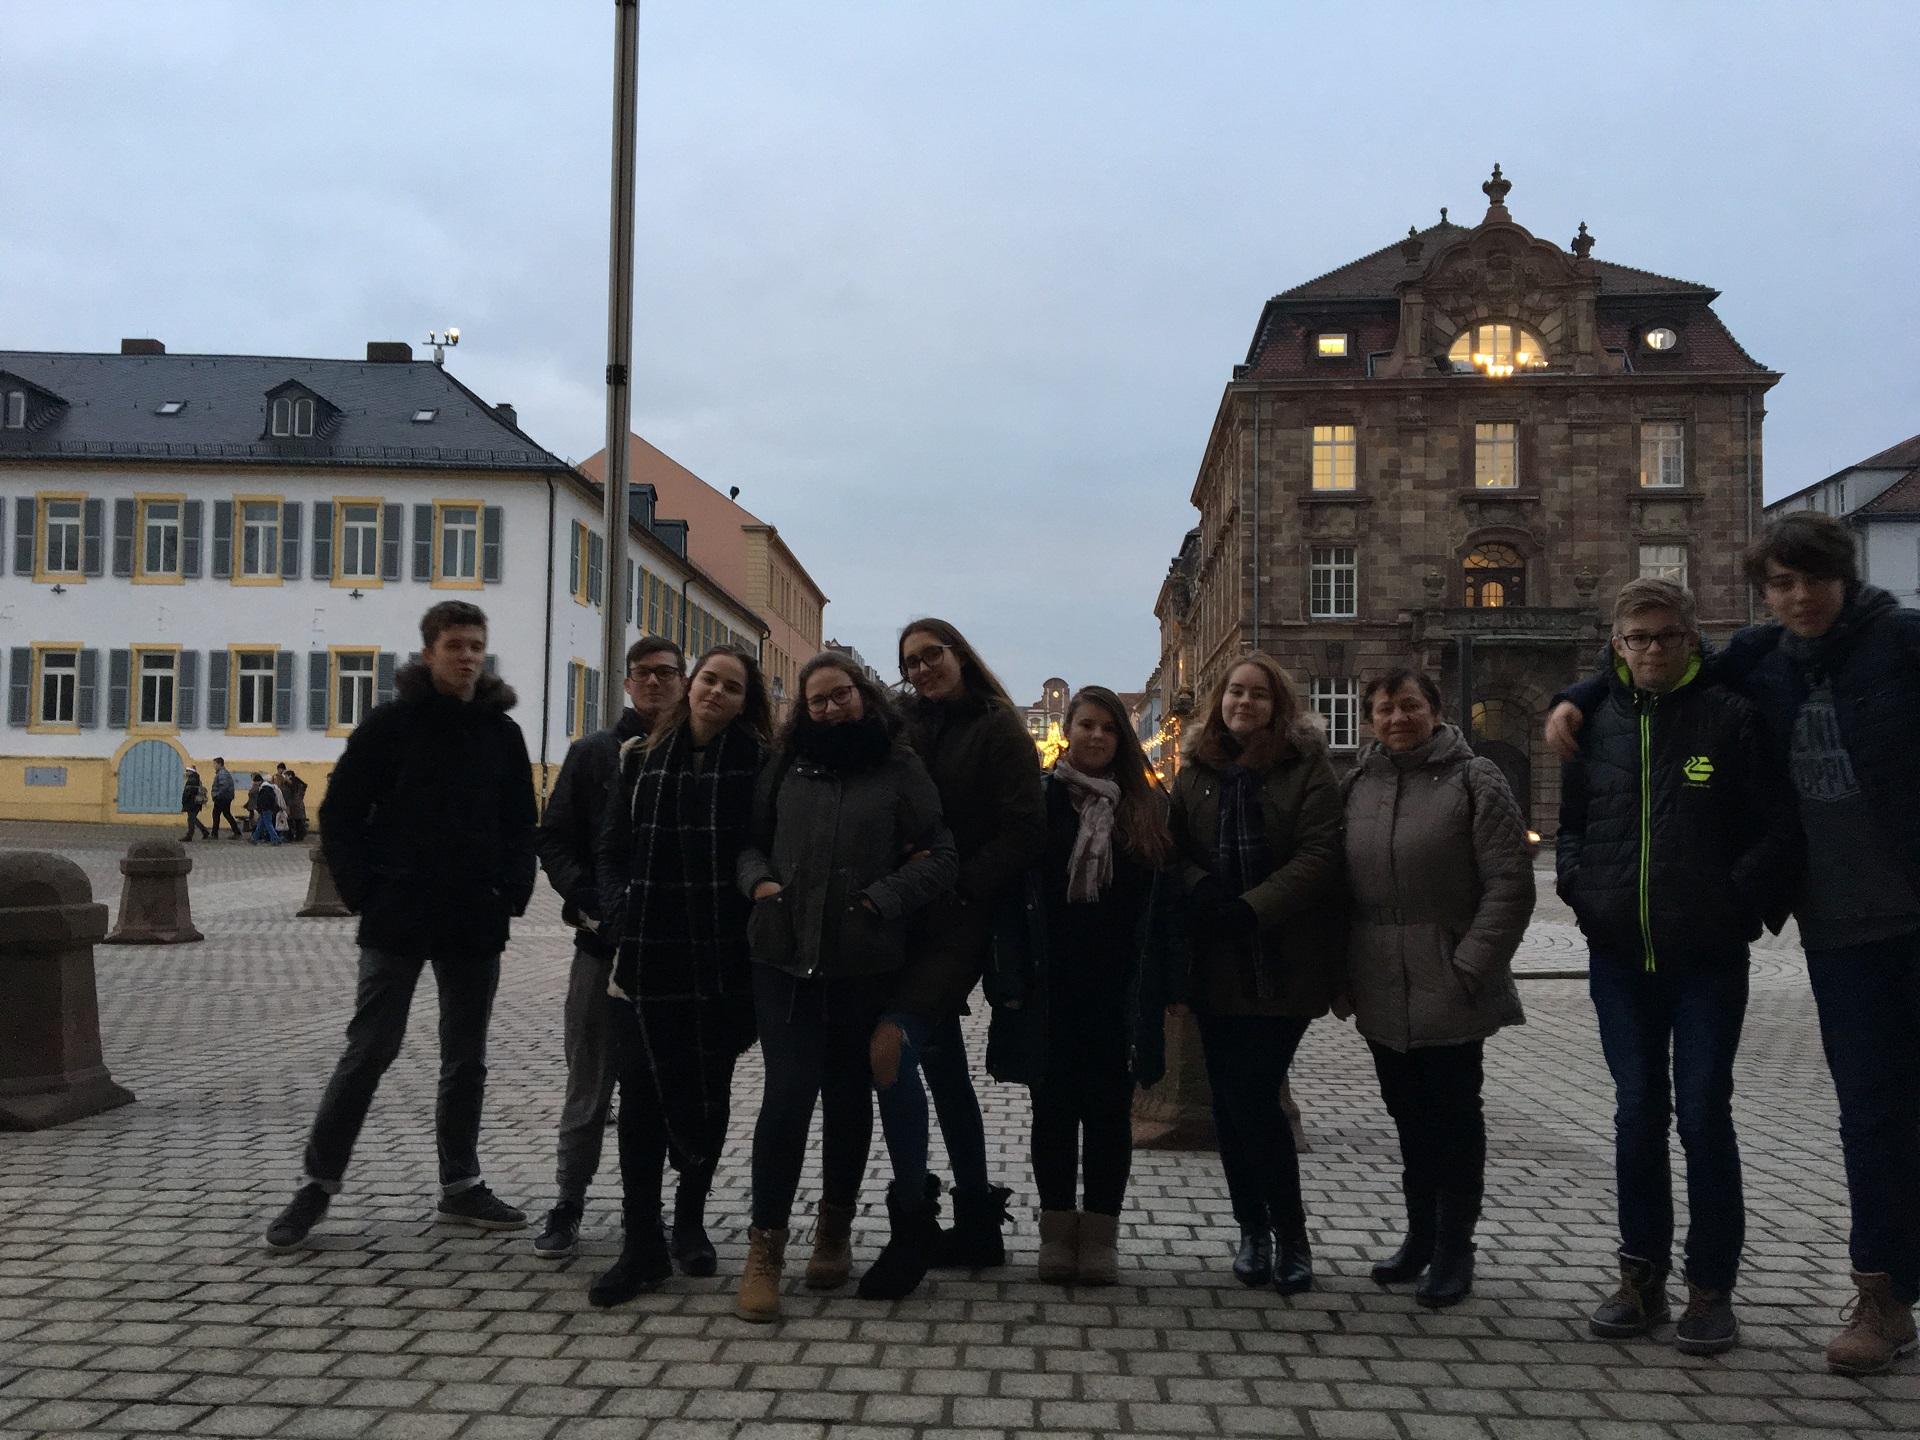 Katholischer Jugendtreff in Speyer, 2017